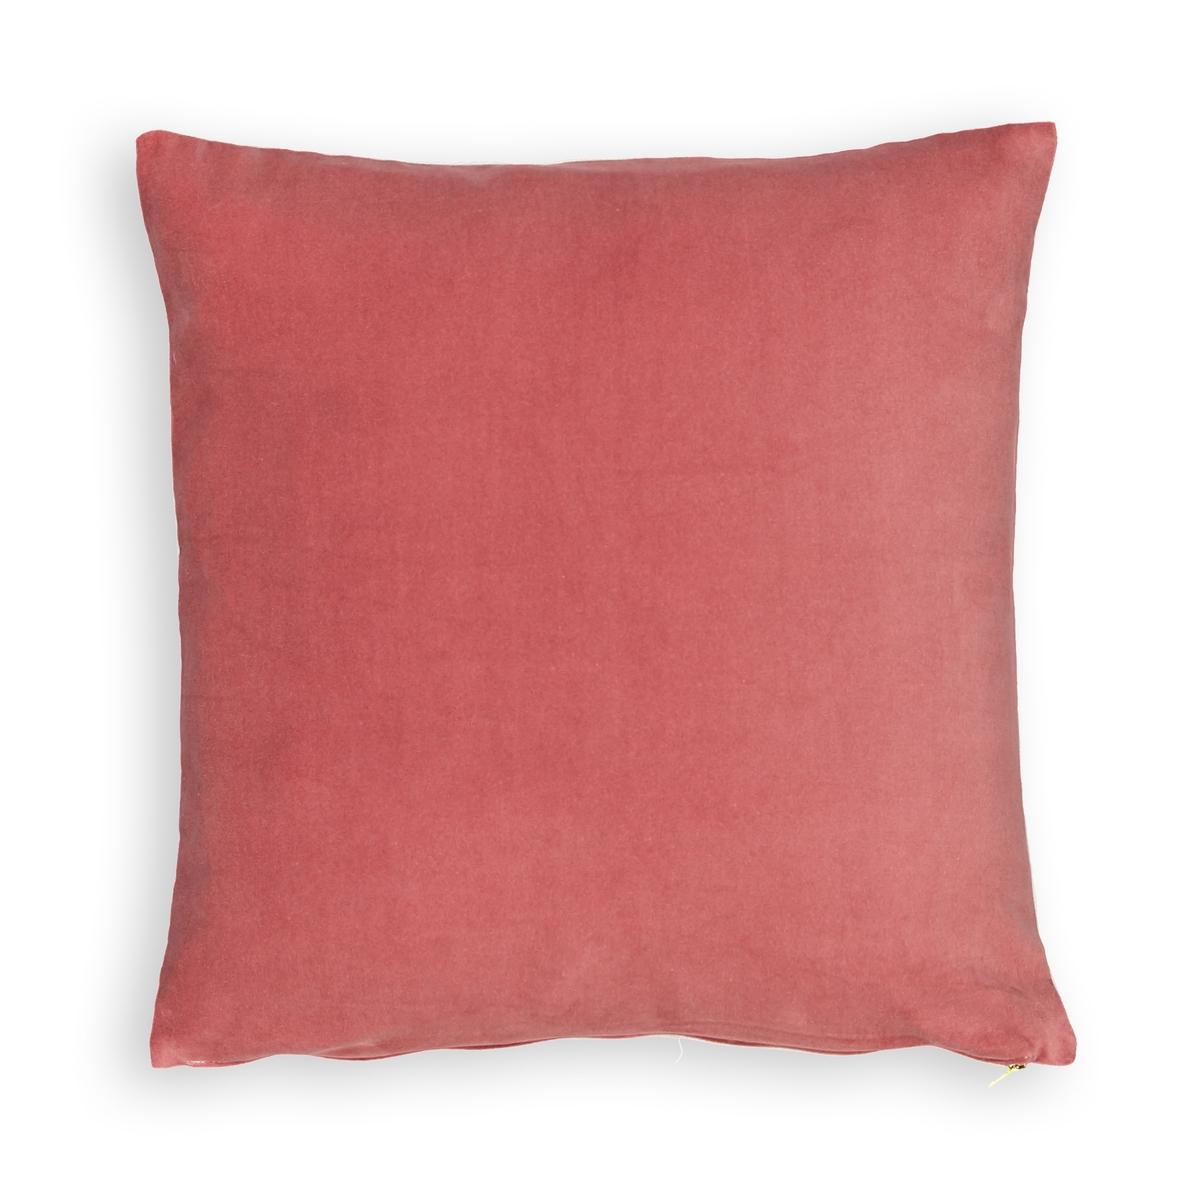 Чехол для подушки из велюра/льна POLENЧехол для подушки POLEN .  Чехол для подушки с удачным сочетанием 2 красивых материалов модных расцветок  .Характеристики чехла для подушки POLEN:Одна сторона из велюра 100% хлопок Другая сторона из 100% льна с естественной окраской Застежка на золотистую молниюРазмеры чехла для подушки POLEN  :50 x 30 см 50 x 50 см Подушка.TERRA продается отдельно на нашем сайте<br><br>Цвет: антрацит,бордовый,розовое дерево,серо-зеленый,экрю